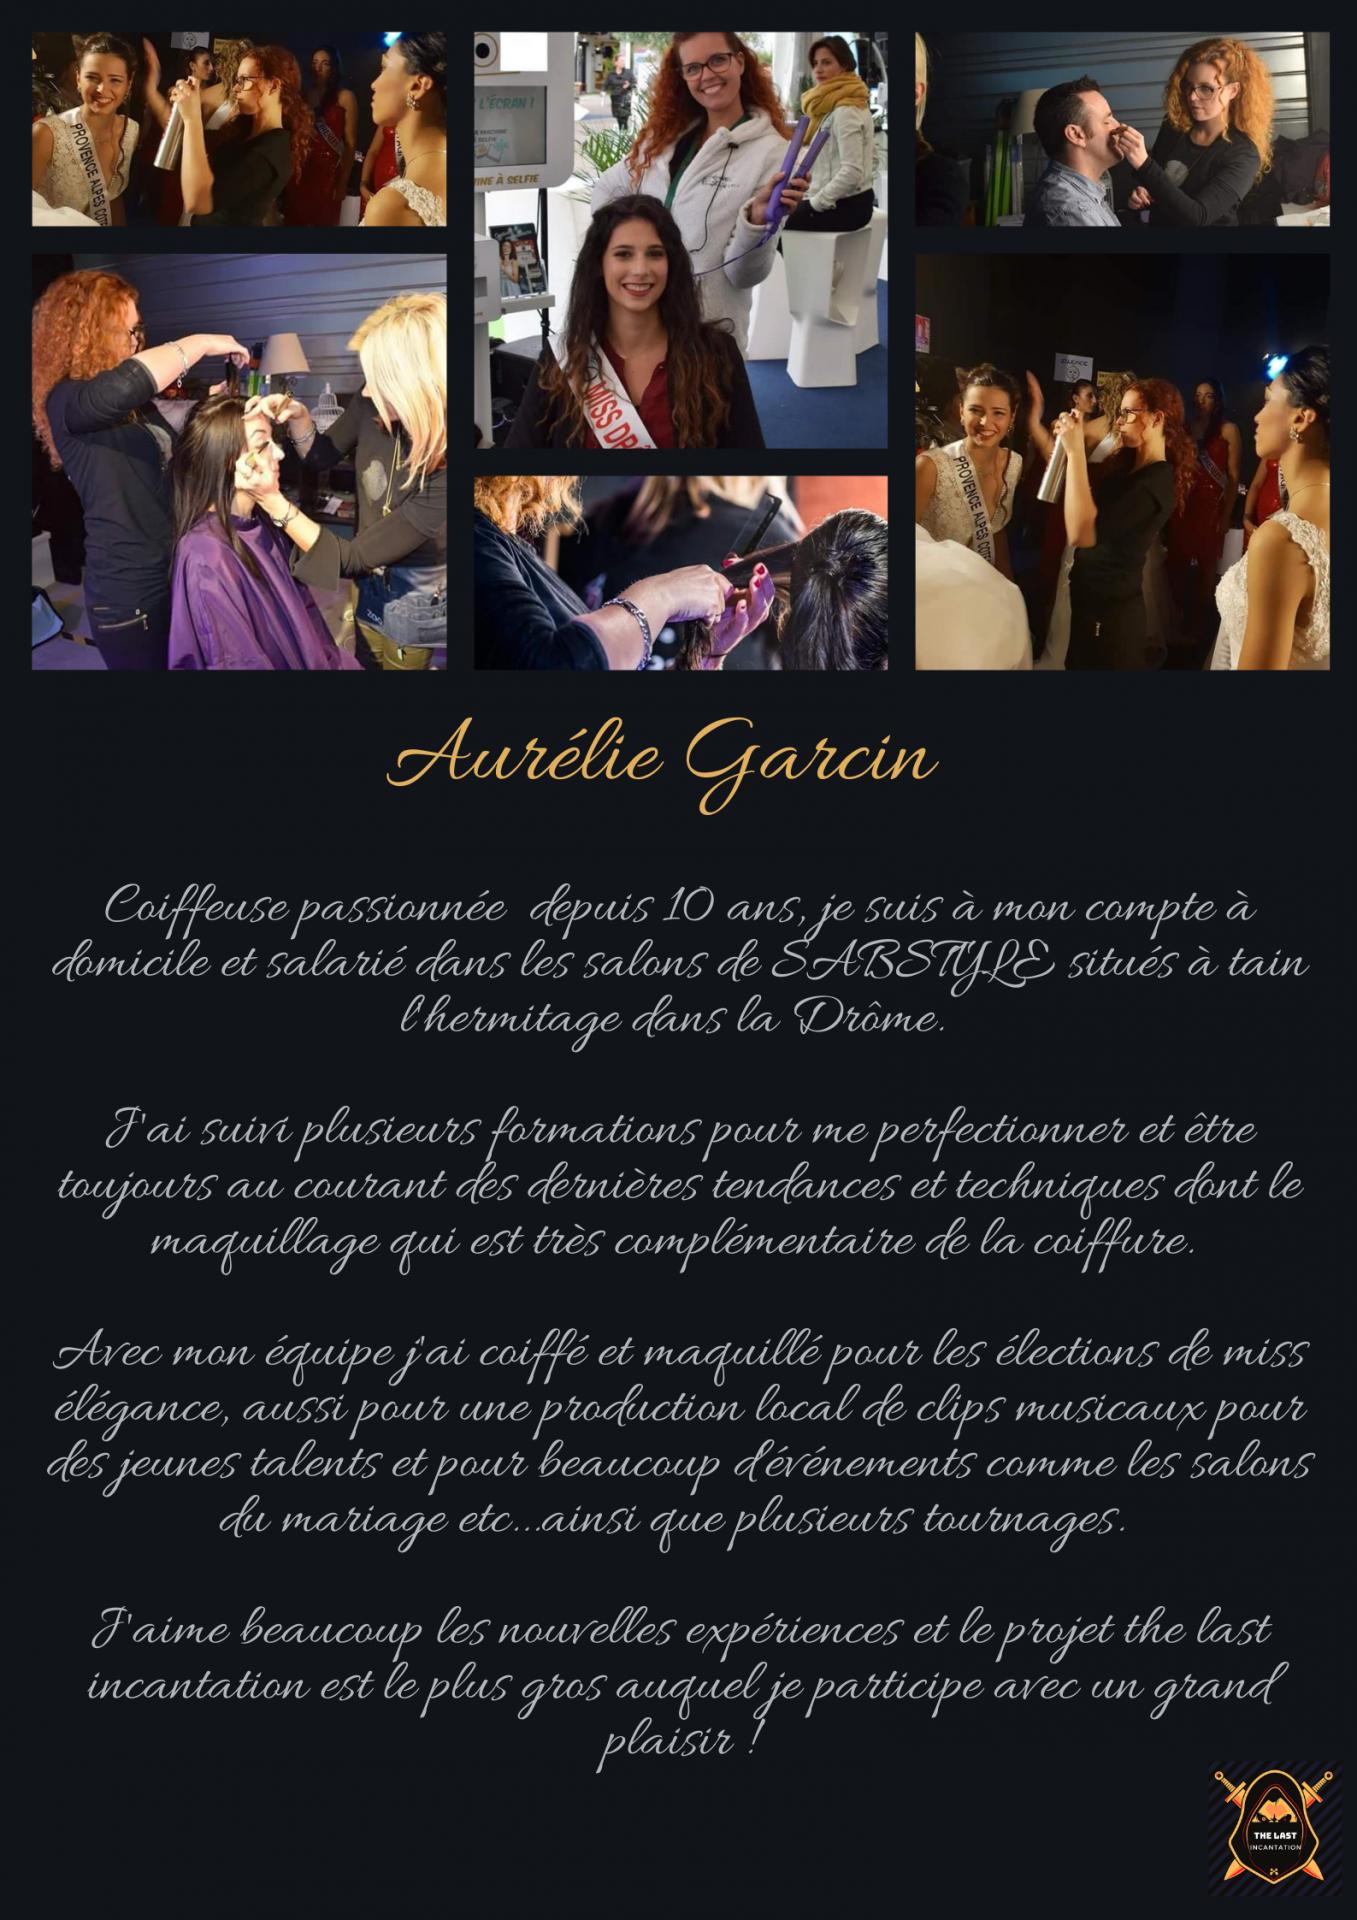 Maquilleuse aurelie garcin maquilleuse professionnel de the last incantation la derniere incantation the last jpg